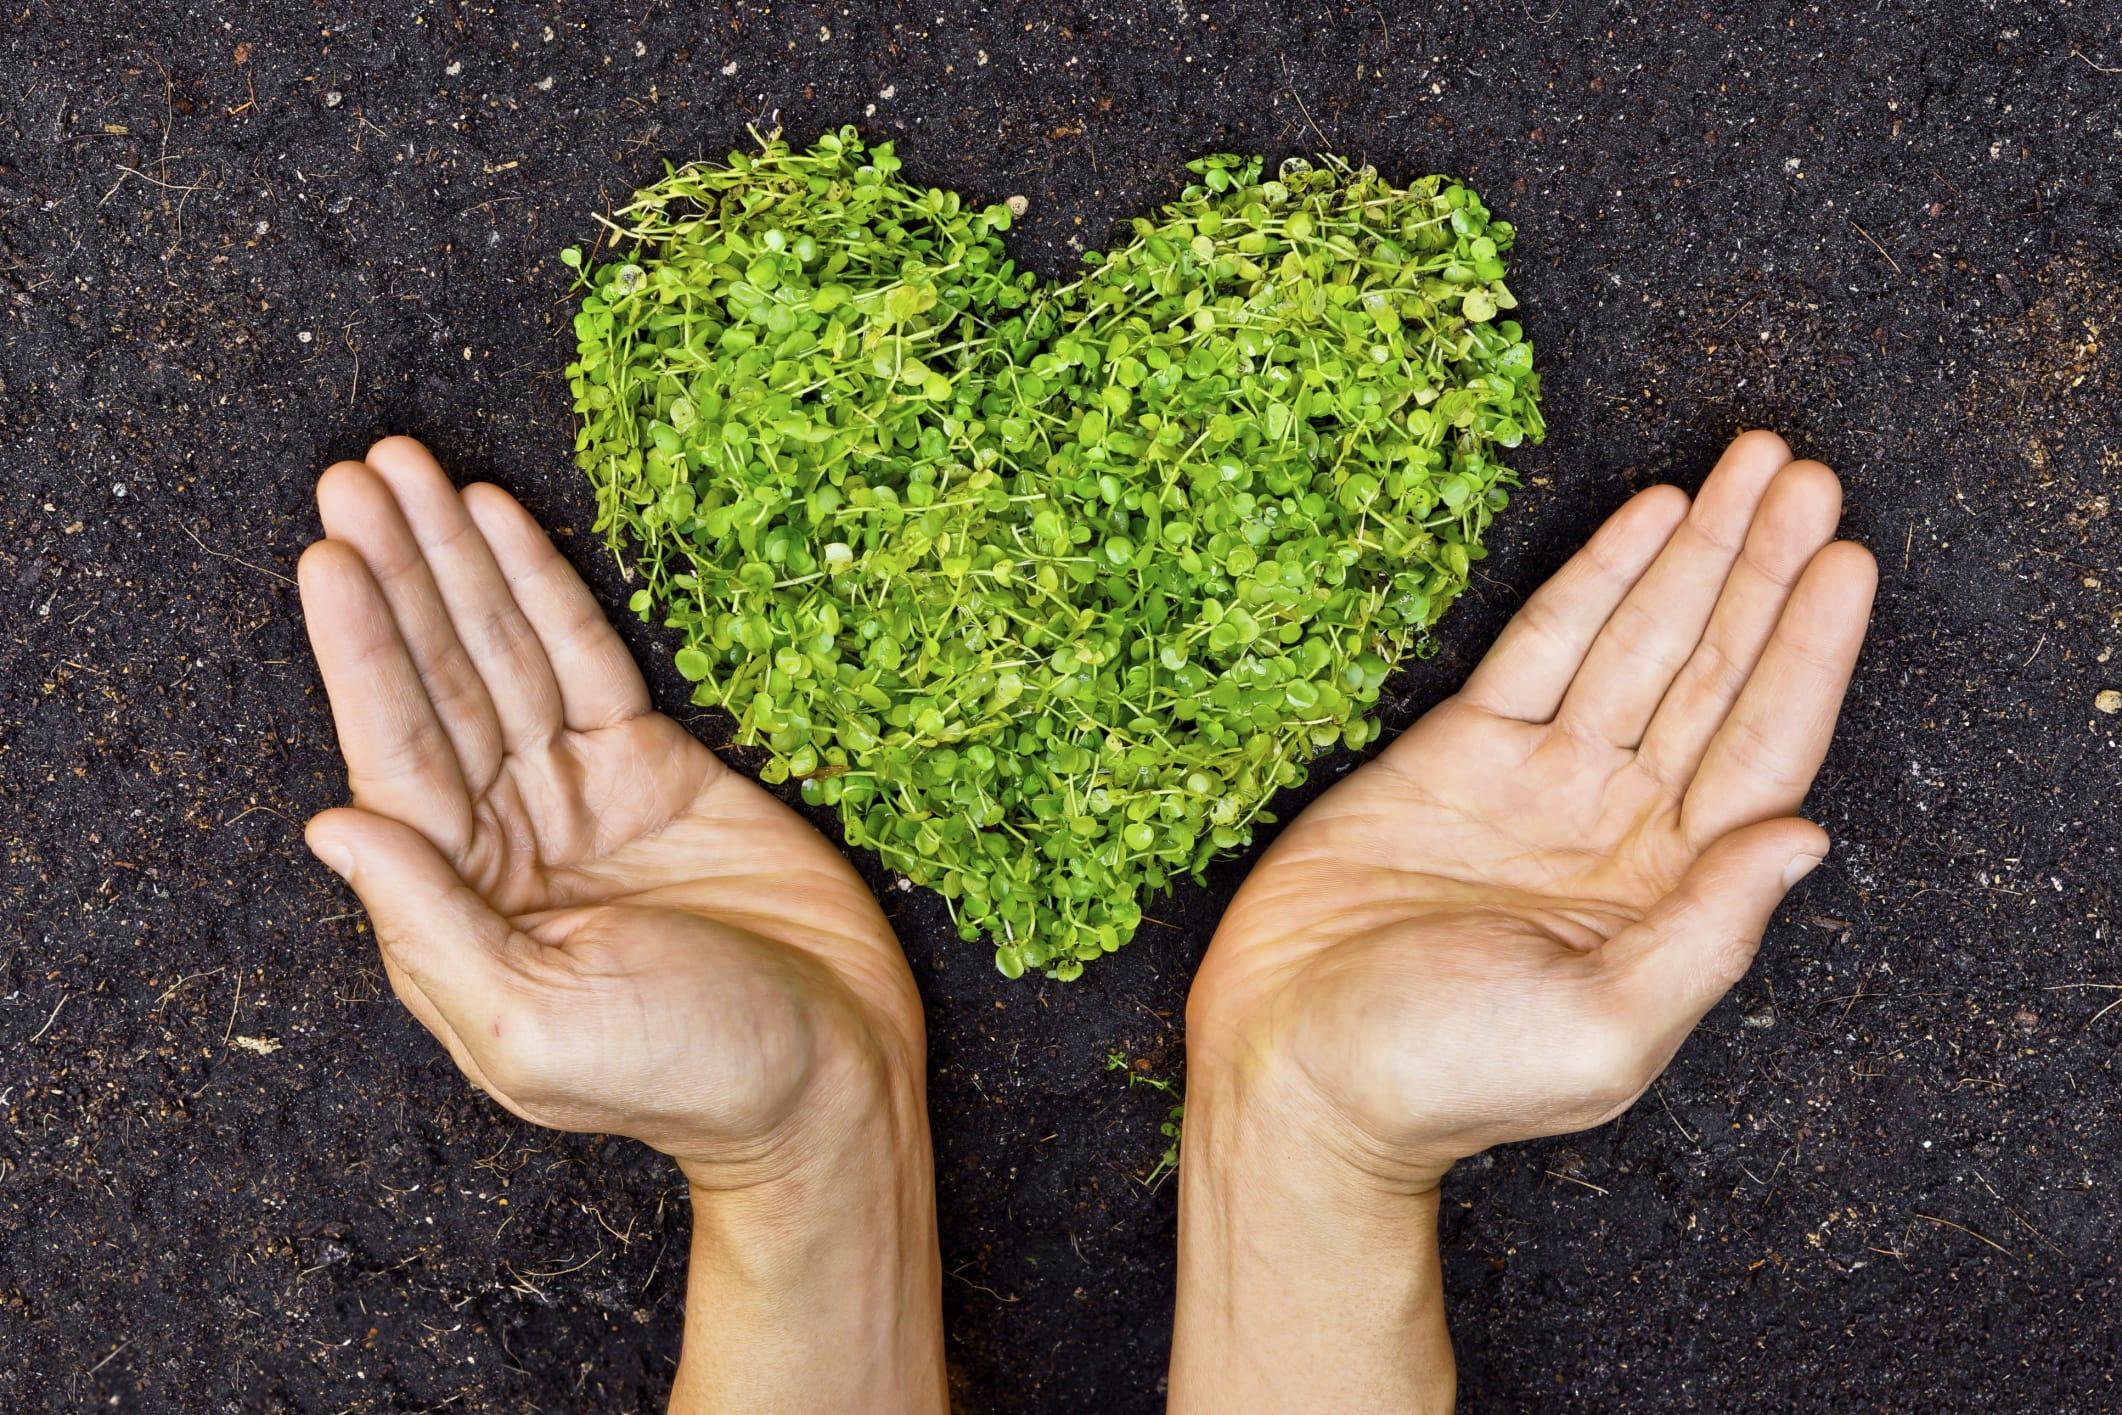 Giornata Mondiale dell'Ambiente 2014: gli eventi in programma in Italia e nel mondo